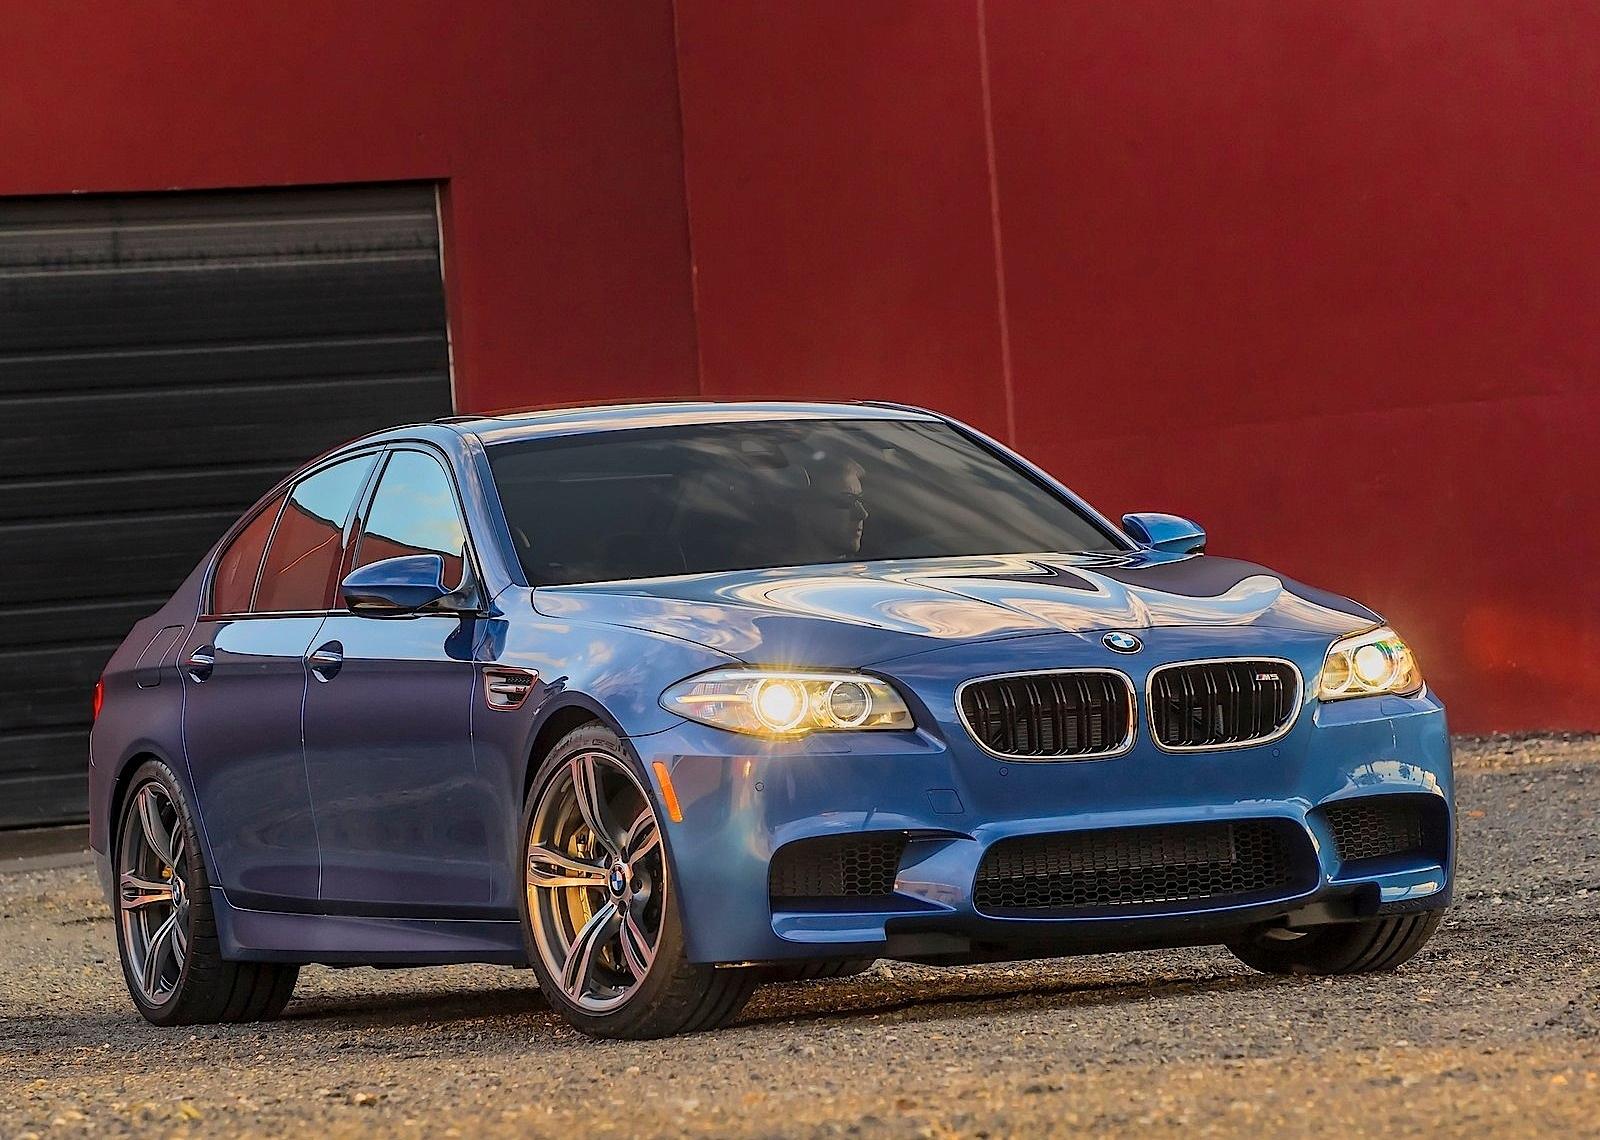 Alle highlights zum bmw x3 m competition, bmw x3 m40i und bmw x3 m40d (f97,. BMW M5 (F10) LCI specs & photos - 2013, 2014, 2015, 2016